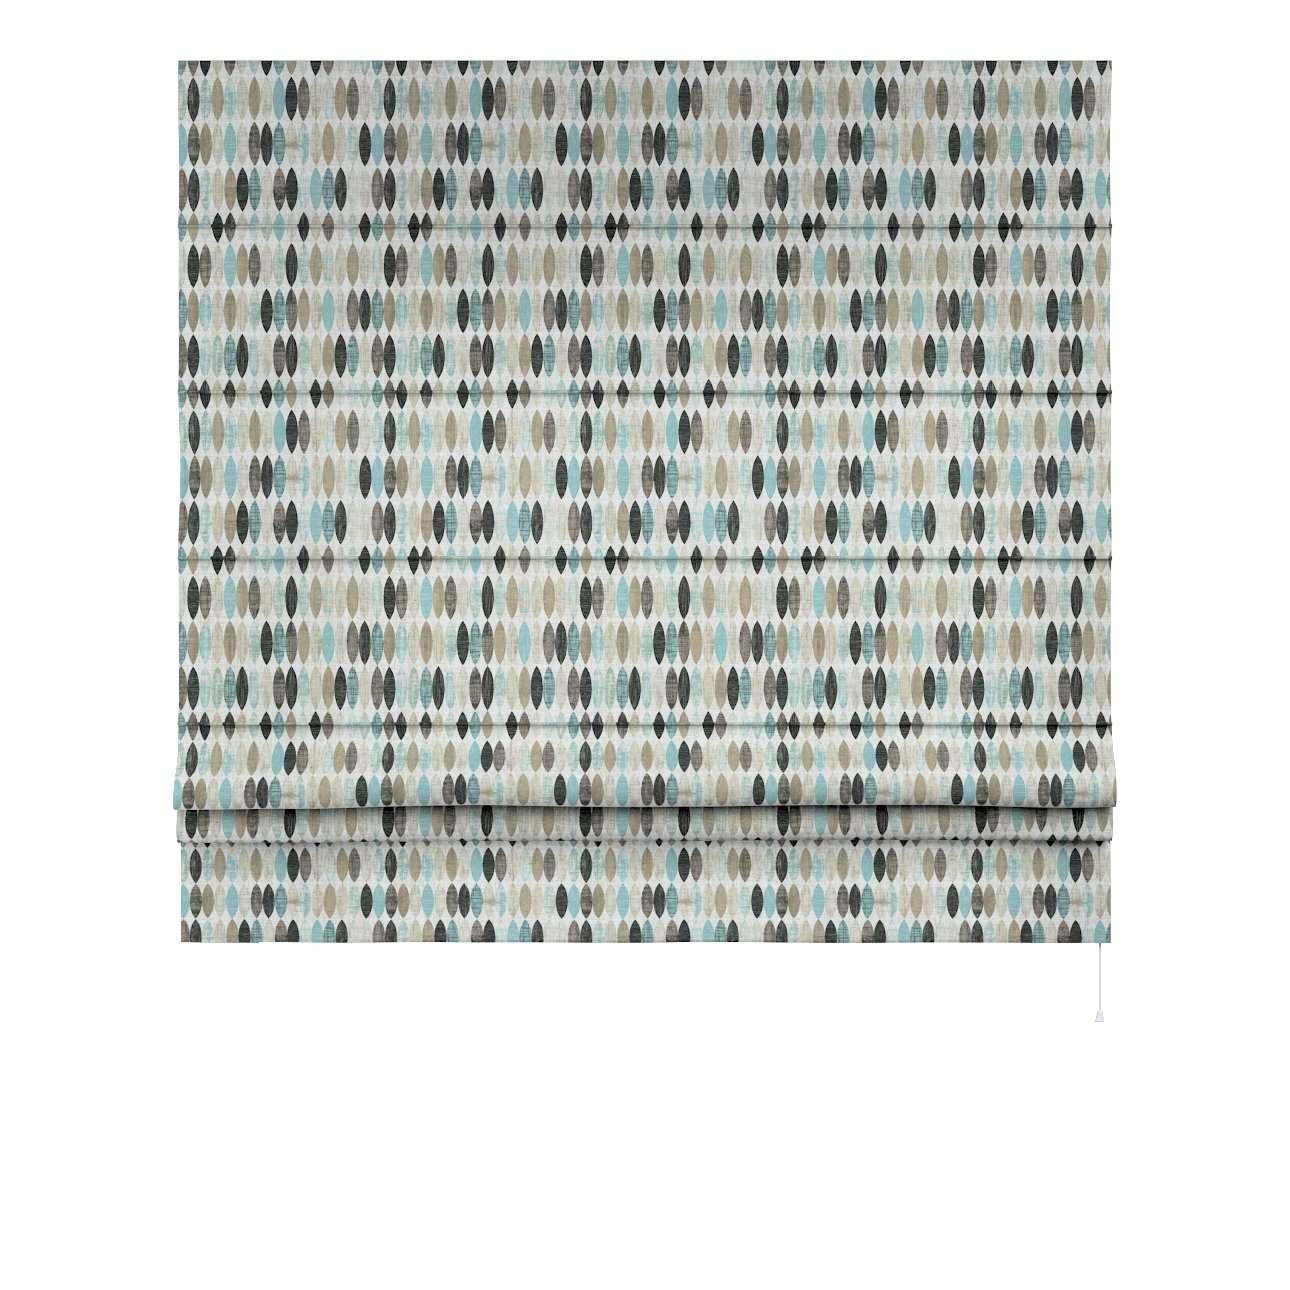 Vouwgordijn Padva van de collectie Modern, Stof: 141-91